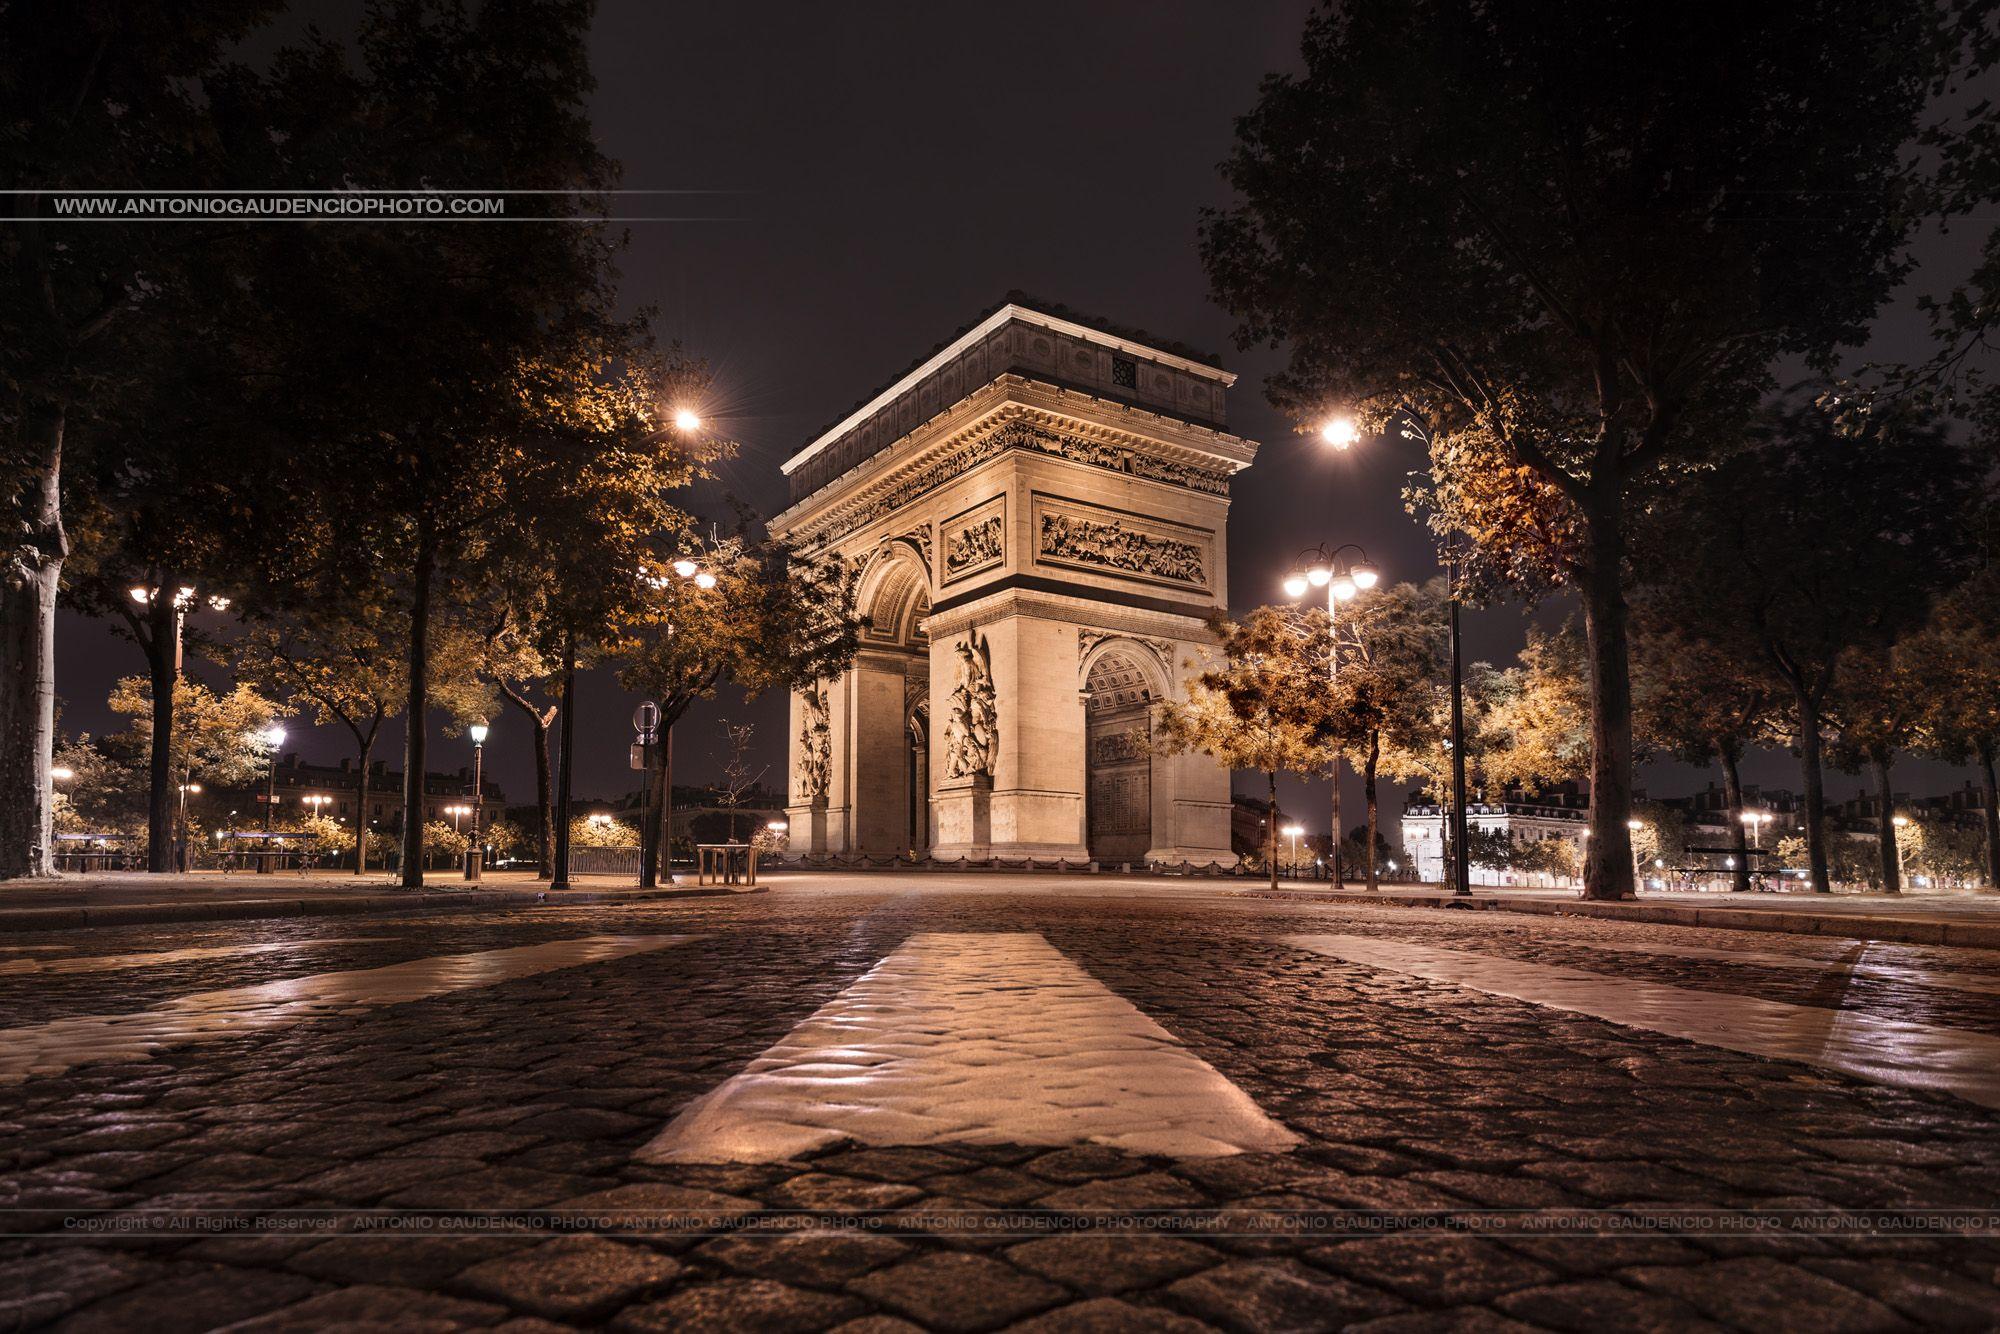 Paris France Arc de Triomphe -www.facebook.com/antoniogaudenciophotographie